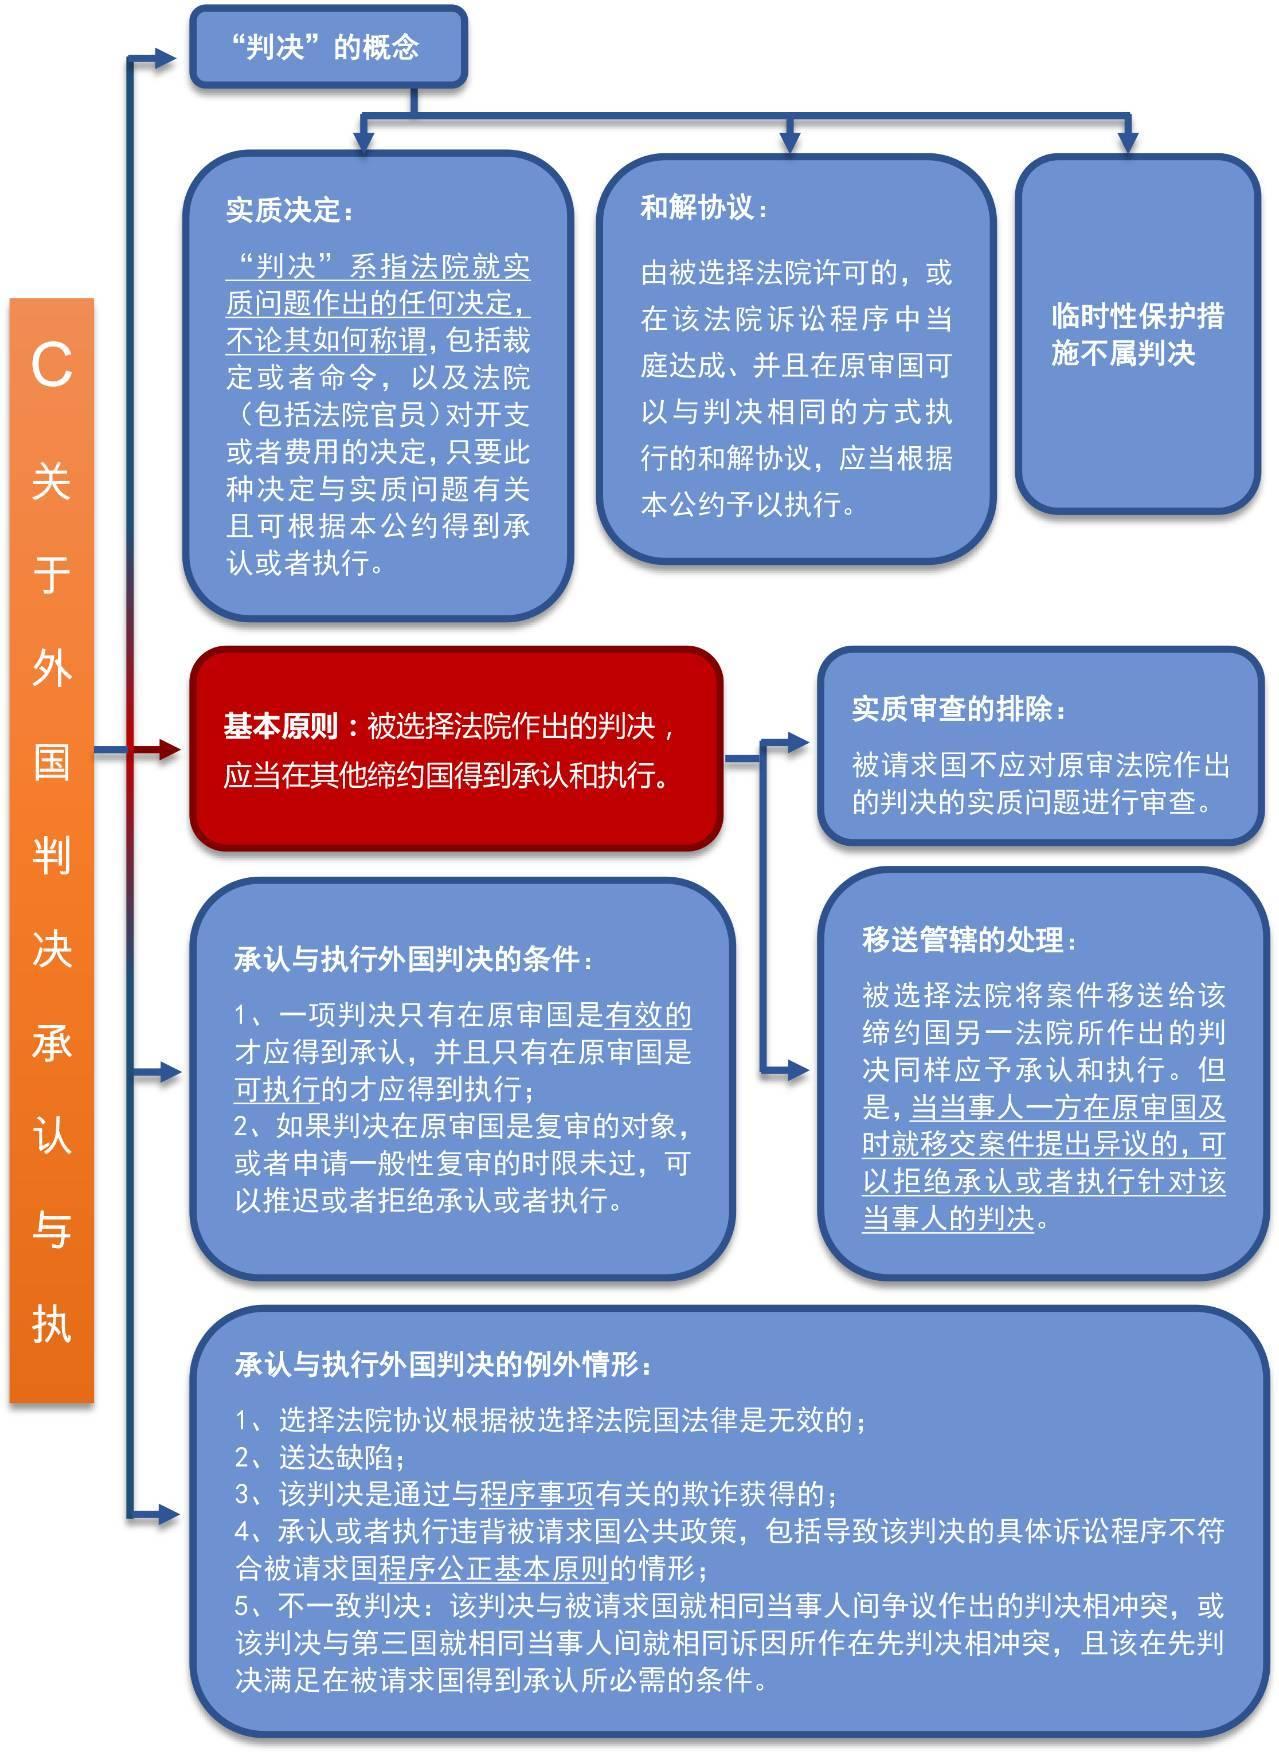 武汉农民工落户新政:稳定就业+连续缴社保两年